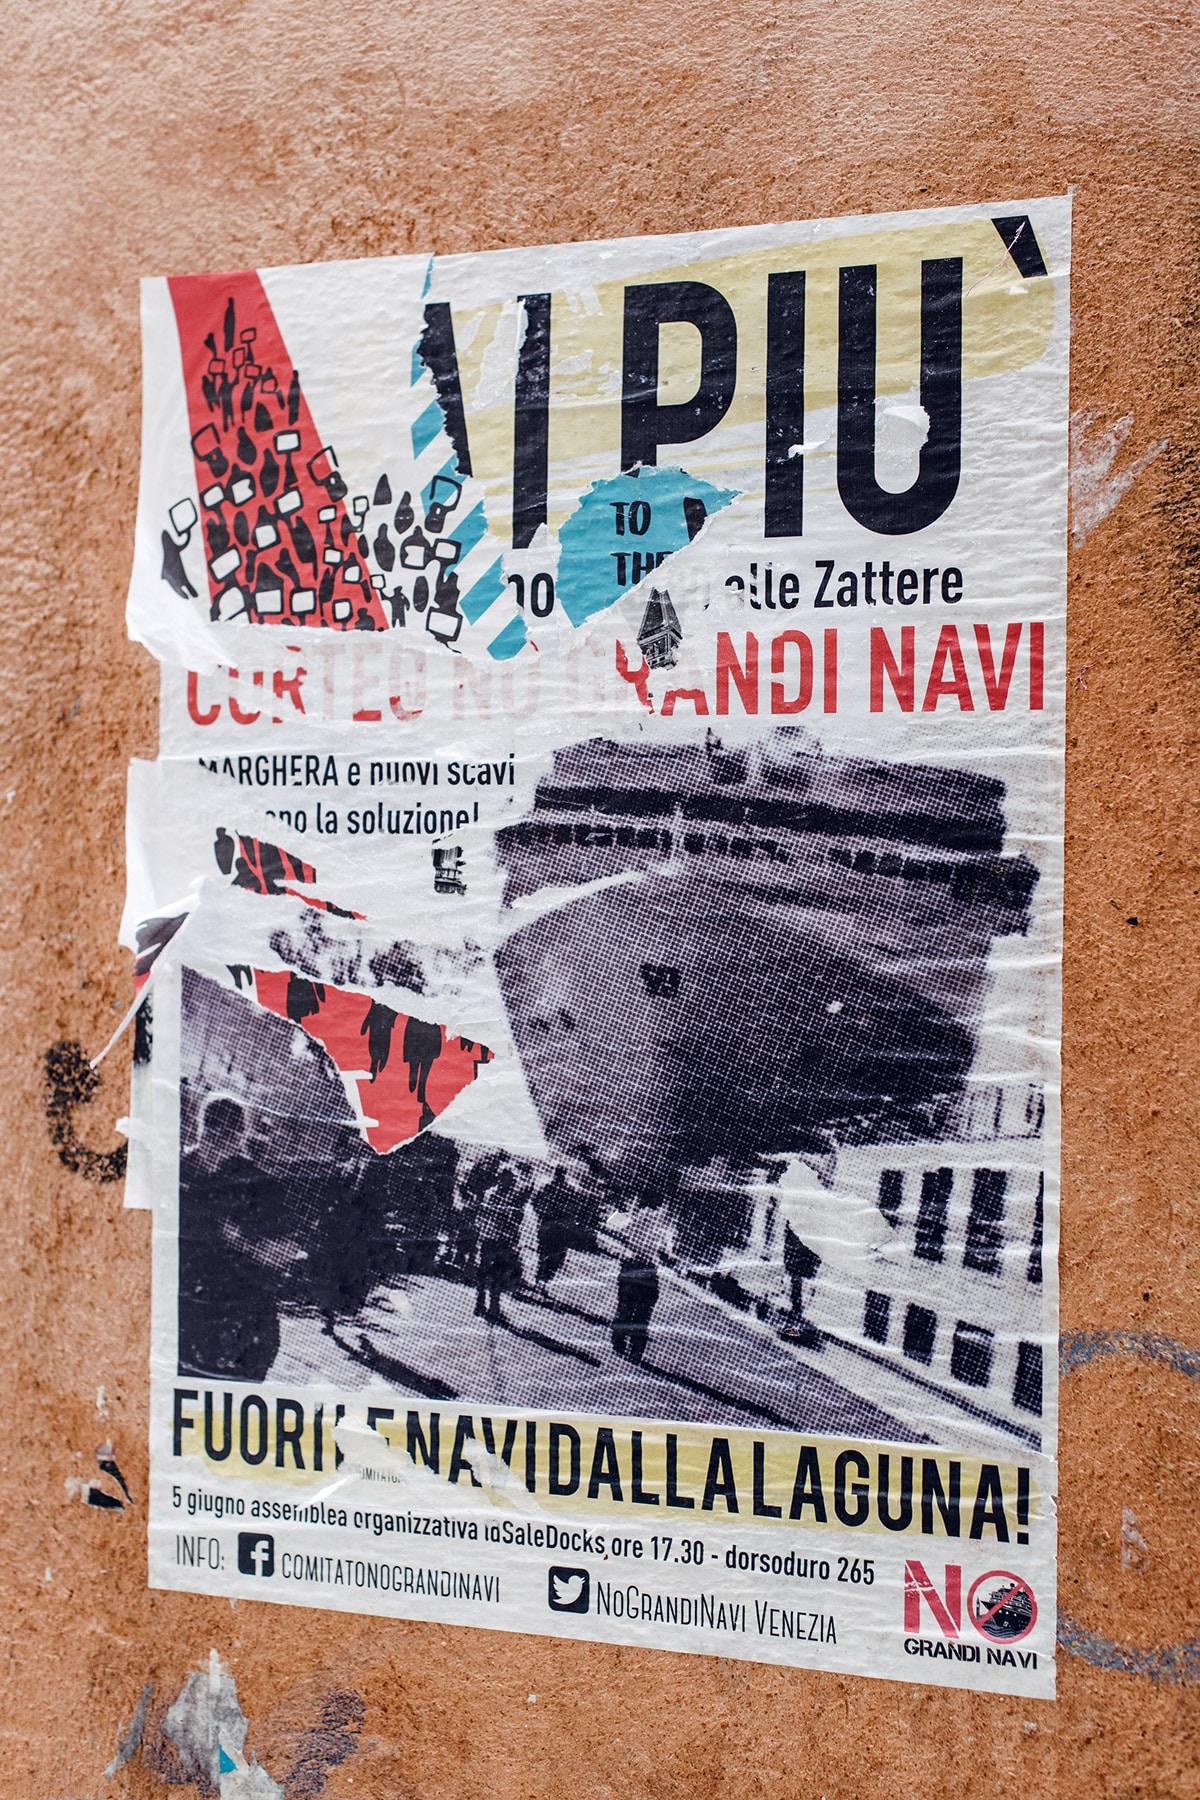 Affiche d'opposition aux navires de croisière dans la lagune de Venise